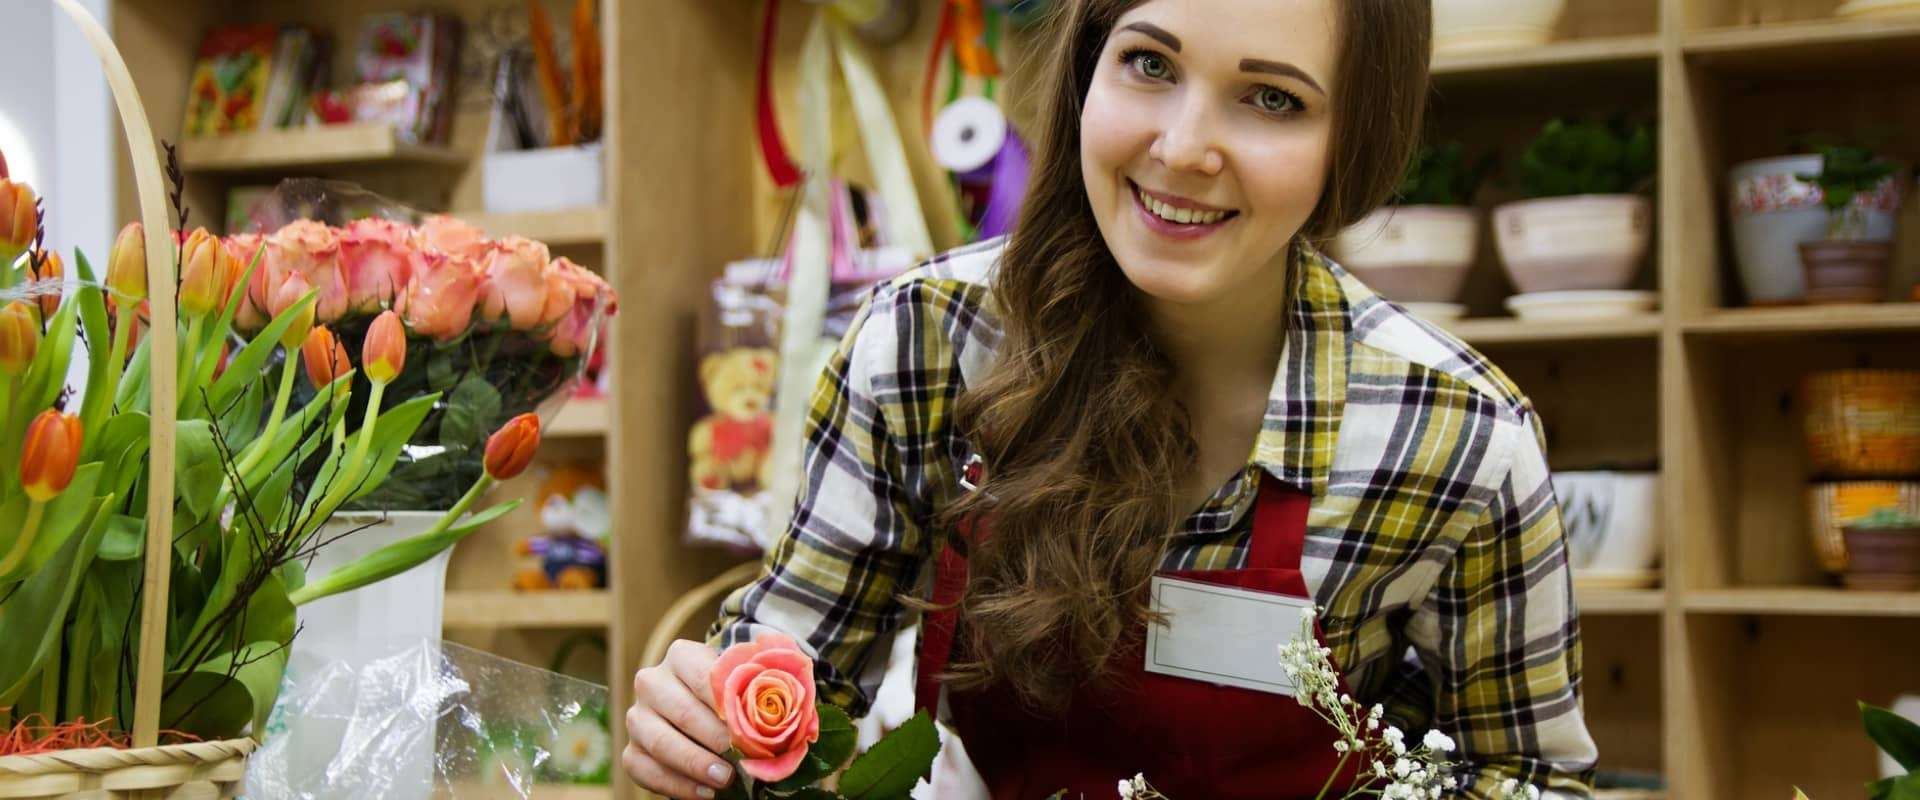 Transportsoftware für den Blumengroßhandel